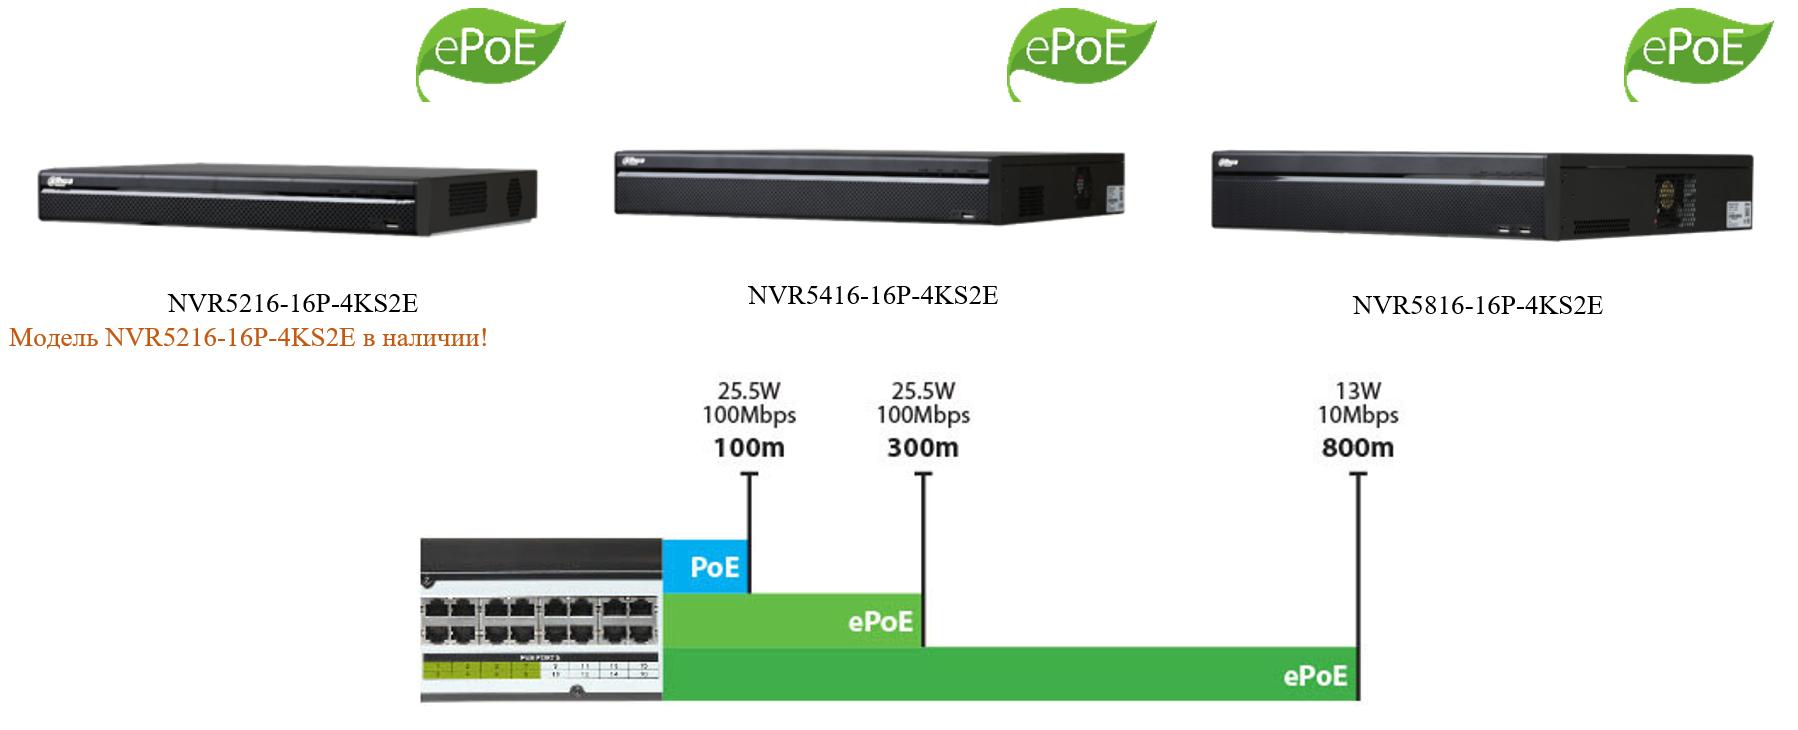 Сетевые видеорегистраторы Dahua серии ePoE